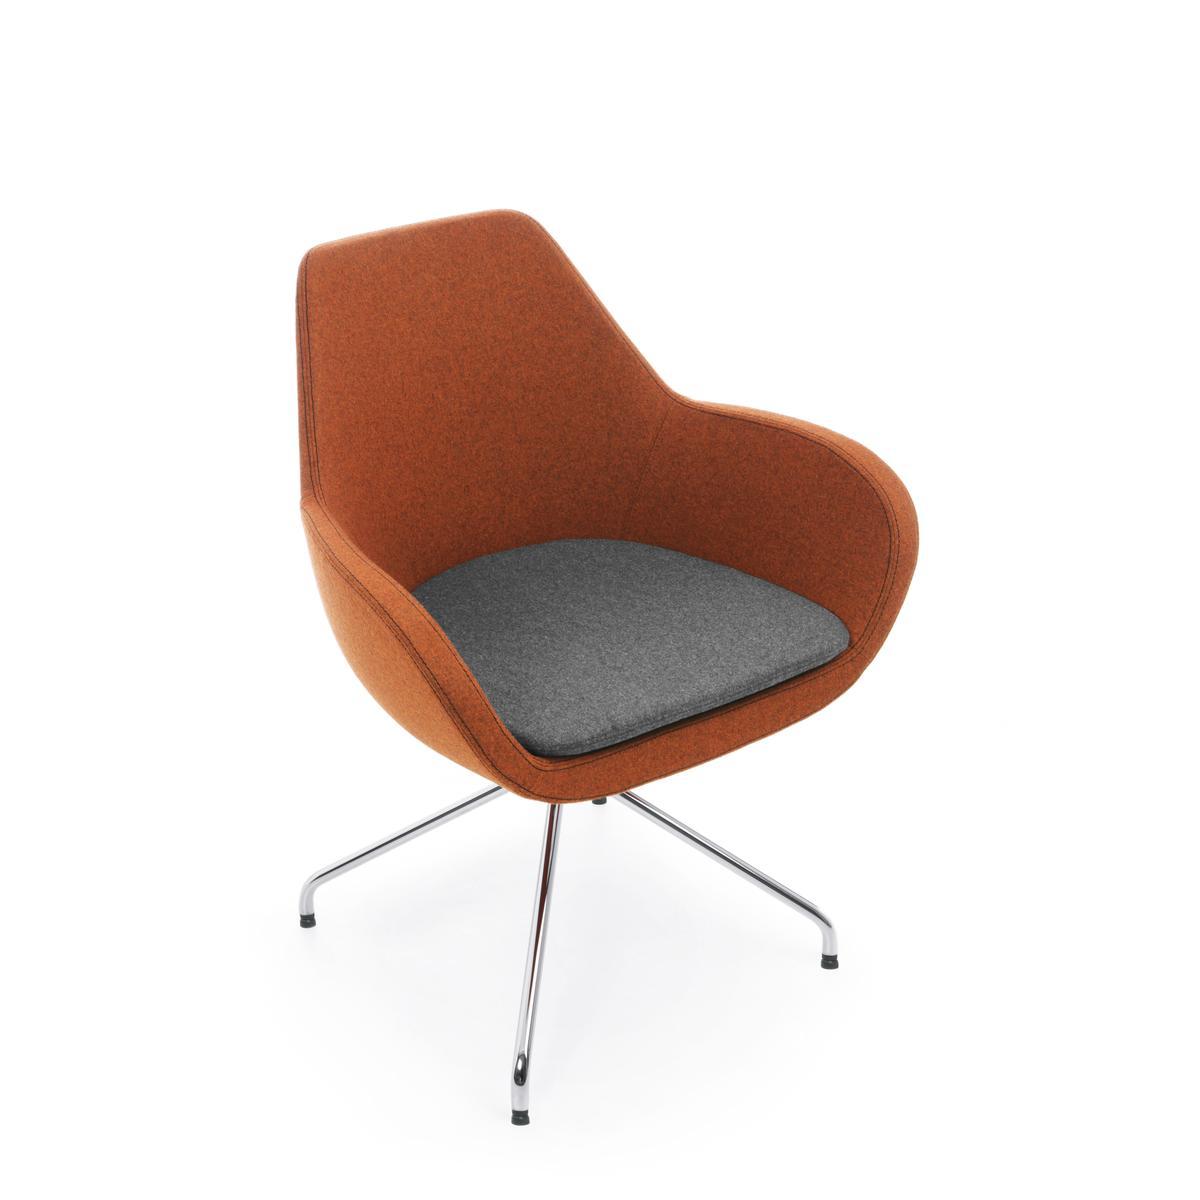 38602bf80a150 Fan » variabilné moderné kreslo do domácej kancelárie » INVENT dizajn